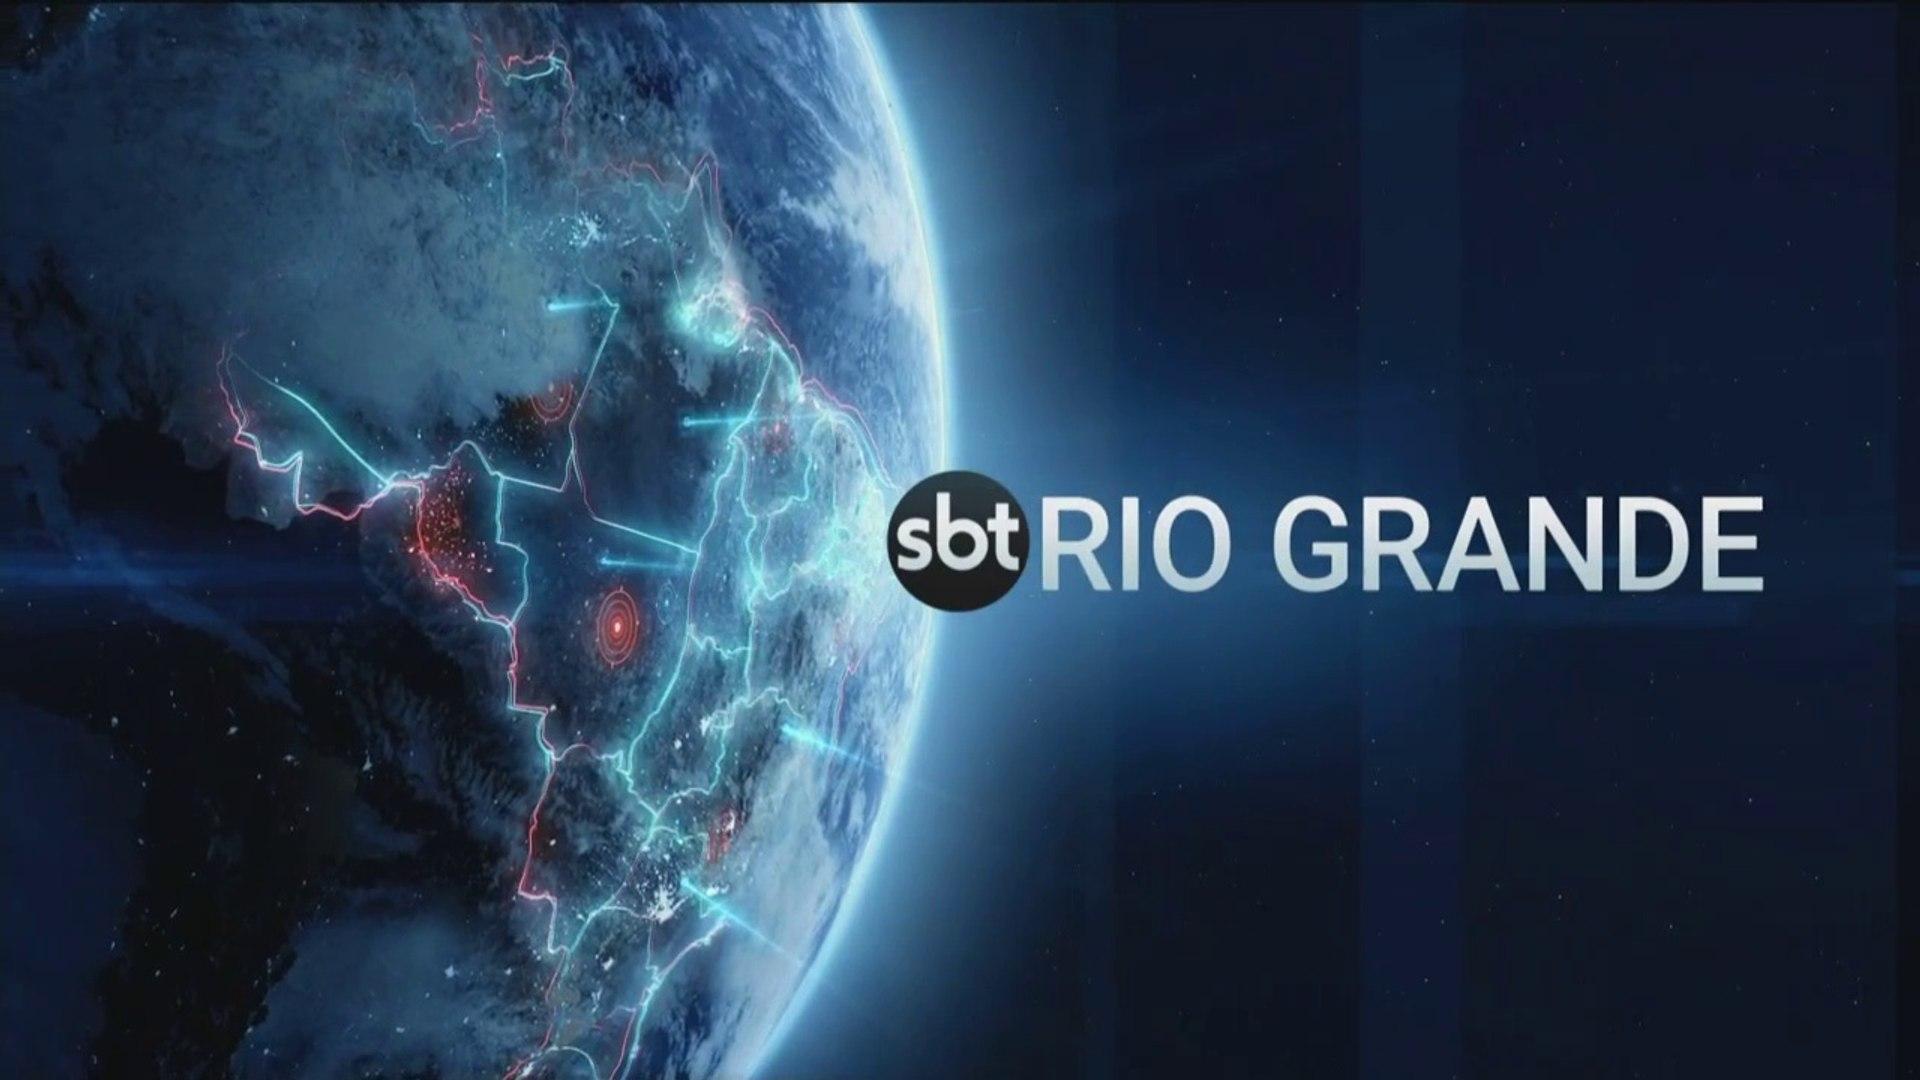 Inicio SBT Rio Grande estreia de André Haar (Padronizado no SBT Brasil e SBT Jornalismo) (29/07/2019